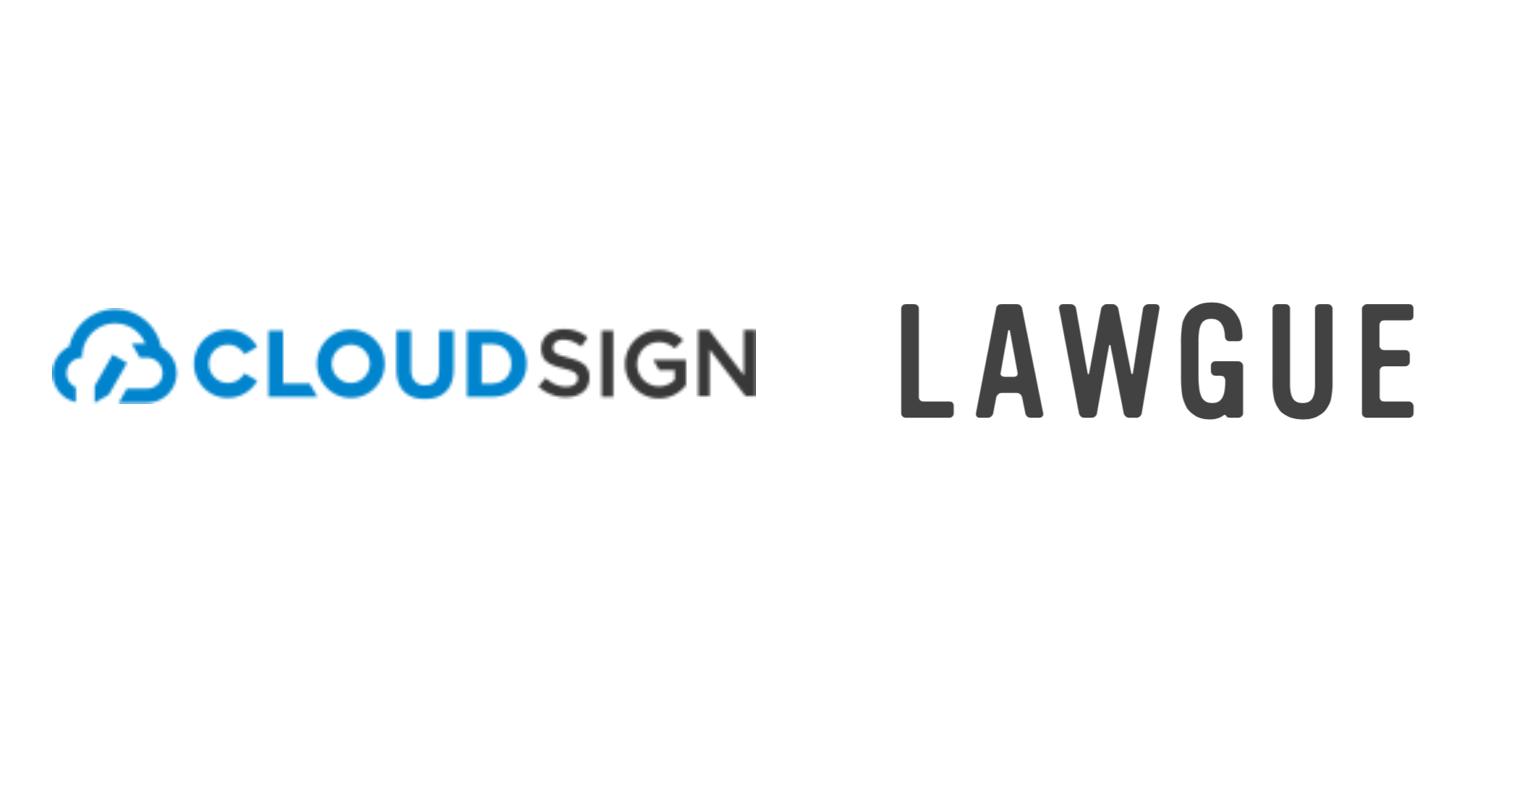 「クラウドサイン」と契約書作成システム「LAWGUE」が連携。オンライン上で契約書の作成から締結までを一気通貫で実現、リモート体制下でもスムーズに